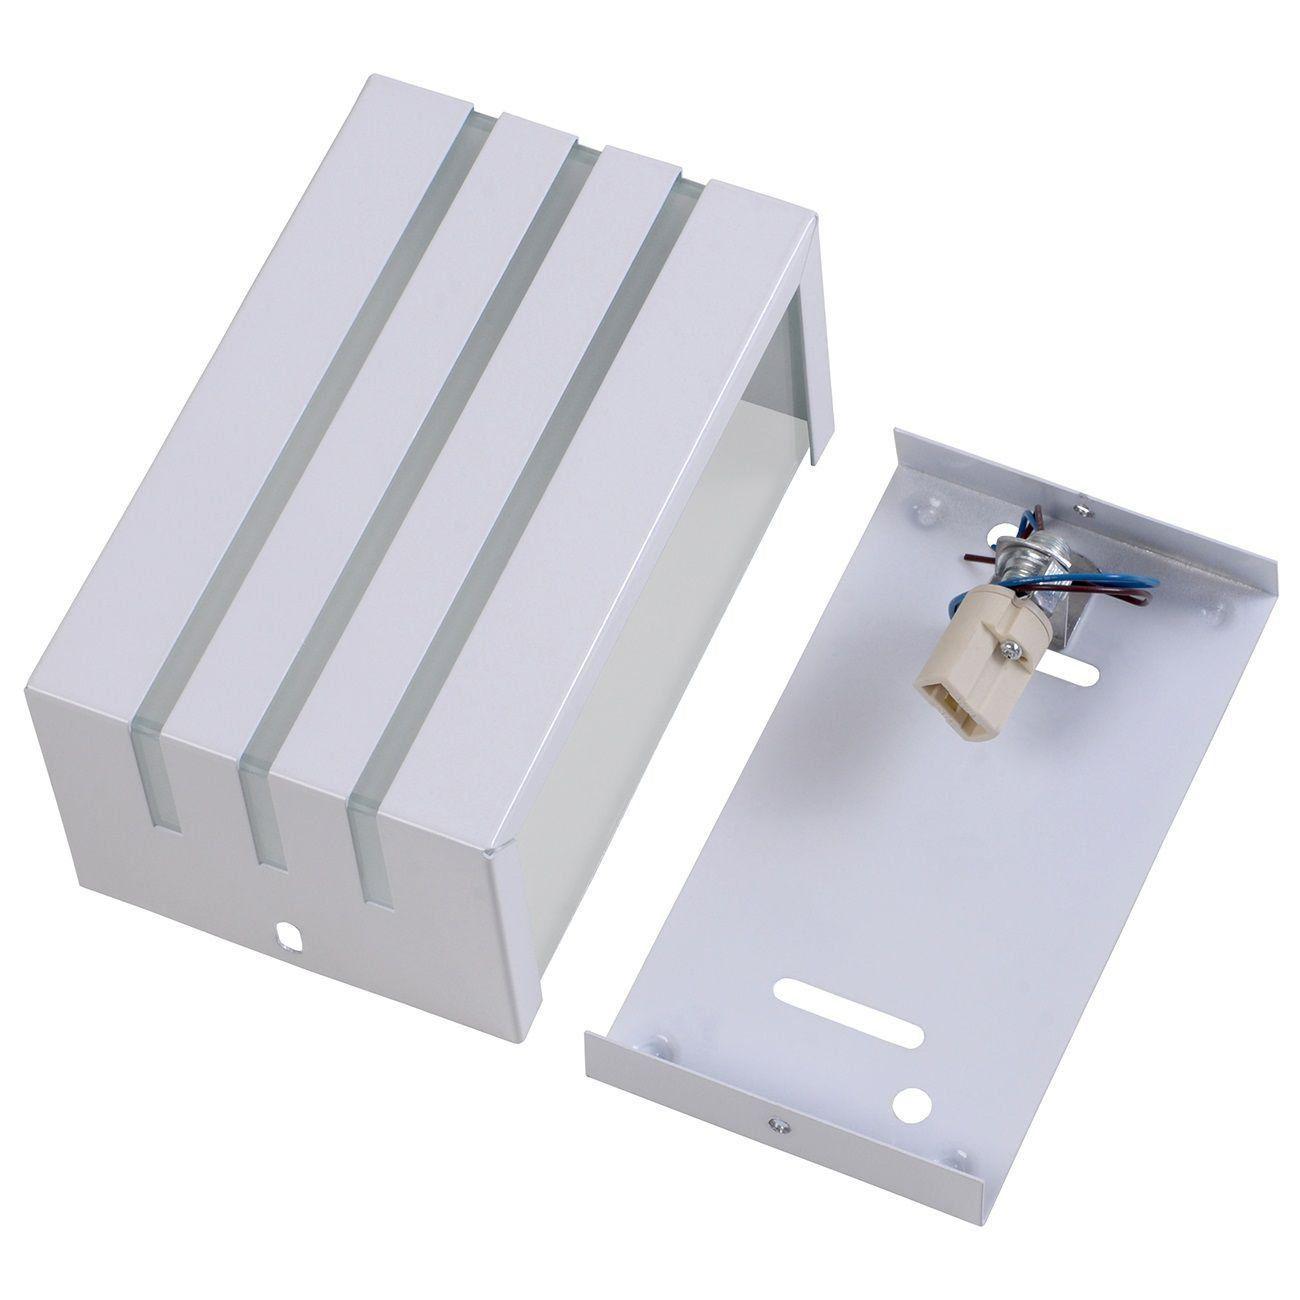 Arandela Frisada 15cm Friso Luminária Externa Interna Muro Parede Alumínio Branco - Rei da Iluminação